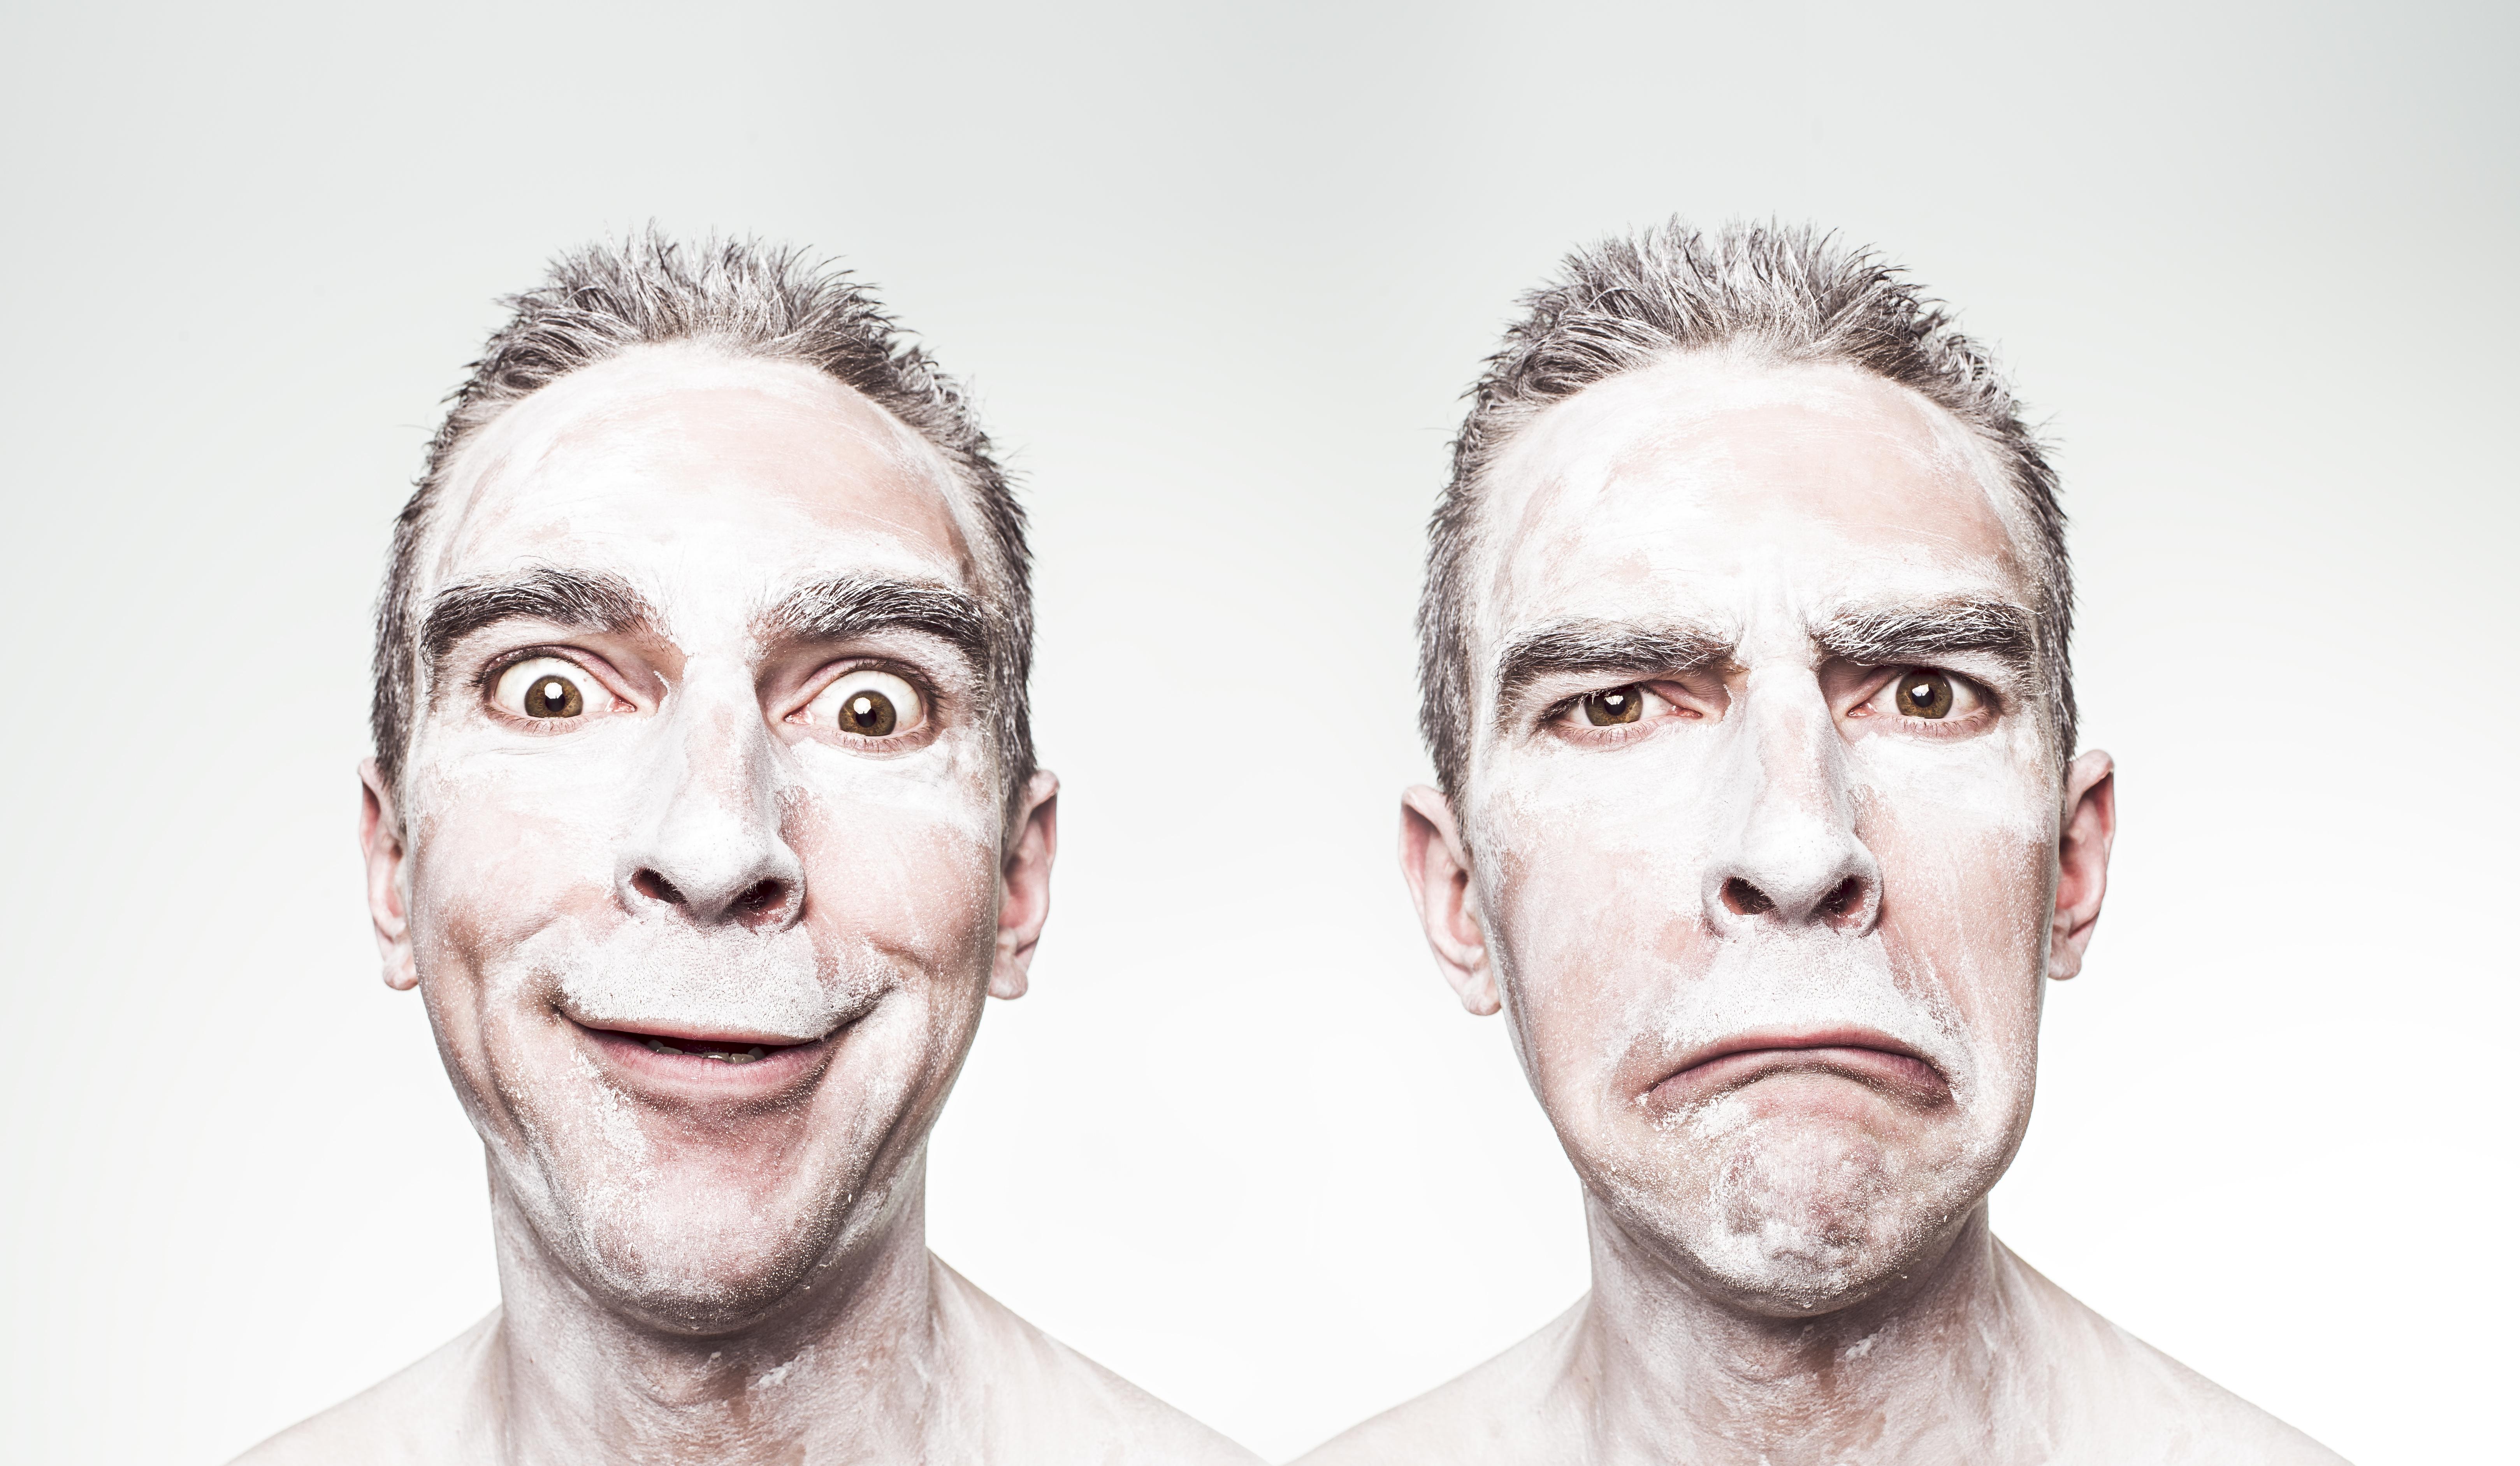 Gambar Manusia Orang Orang Orang Putih Pria Potret Kontras